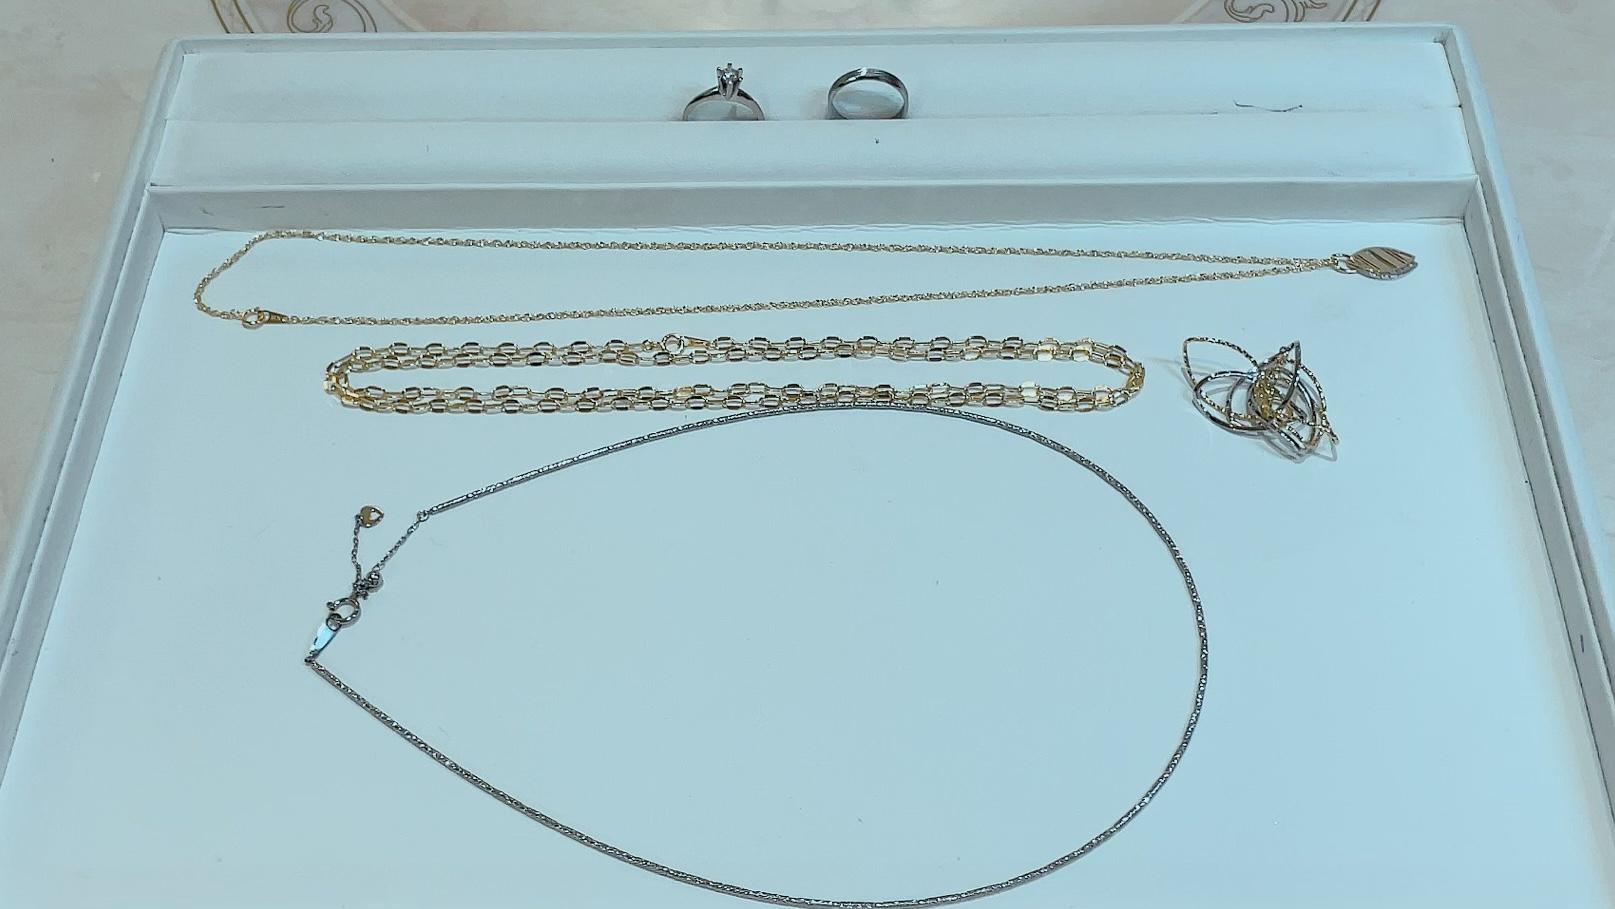 【買取速報】ダイヤモンド、チョーカー、ネックレス、ペンダントトップ、婚約指輪・エンゲージリン-2021-09-29